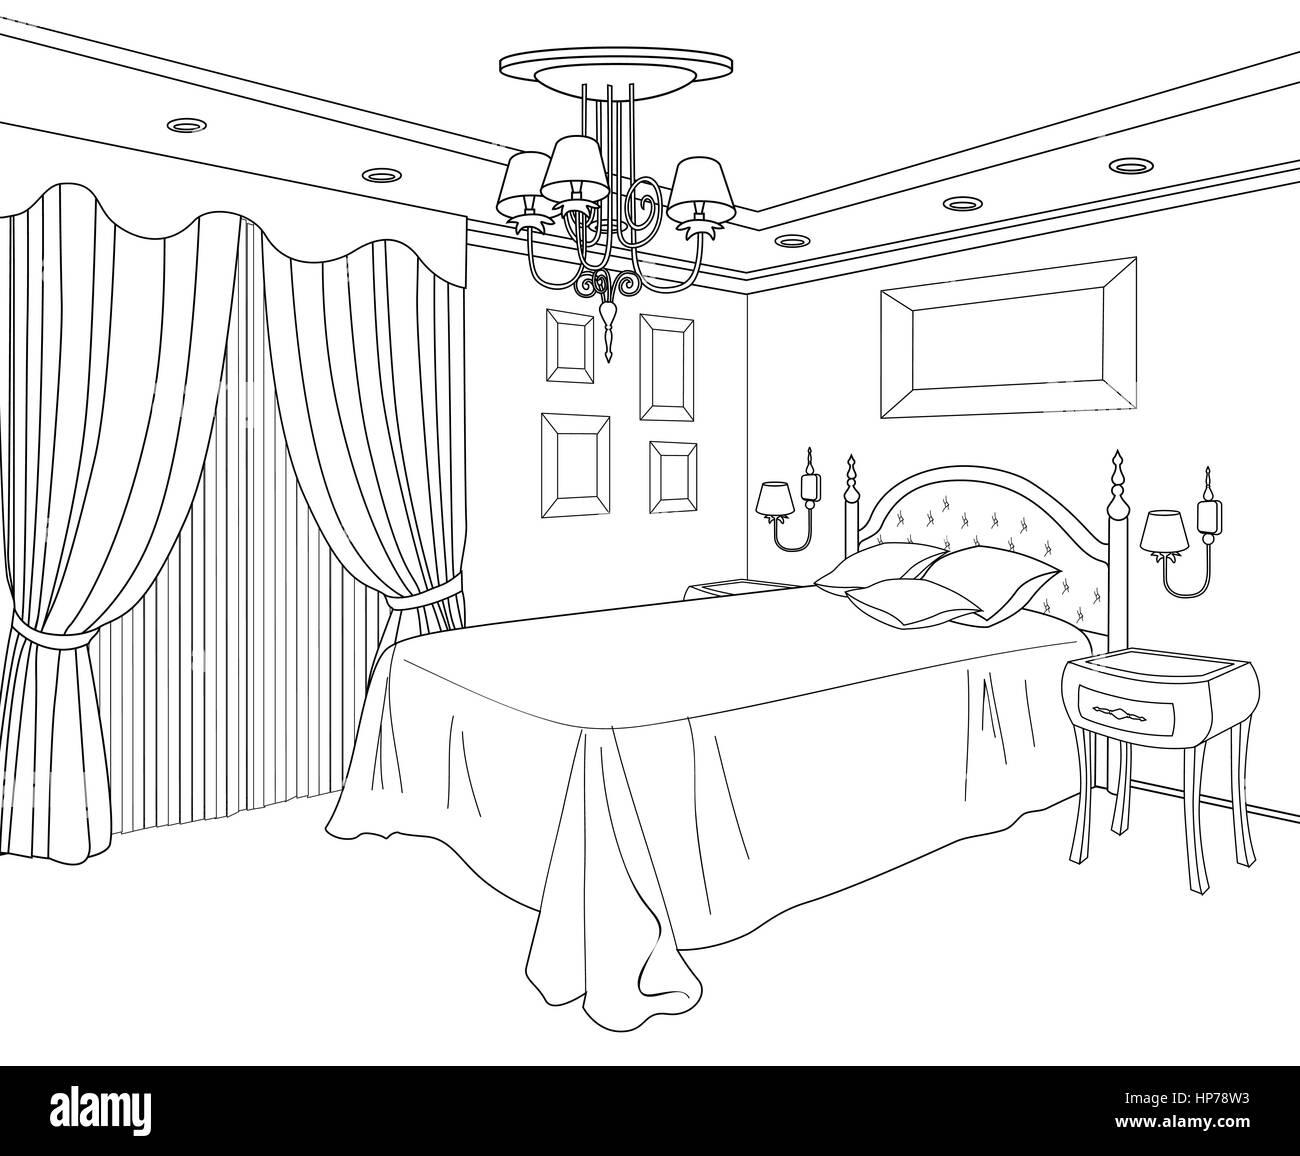 Bedroom Furniture Doodle Line Sketch Of Home Interior Vintage Bed